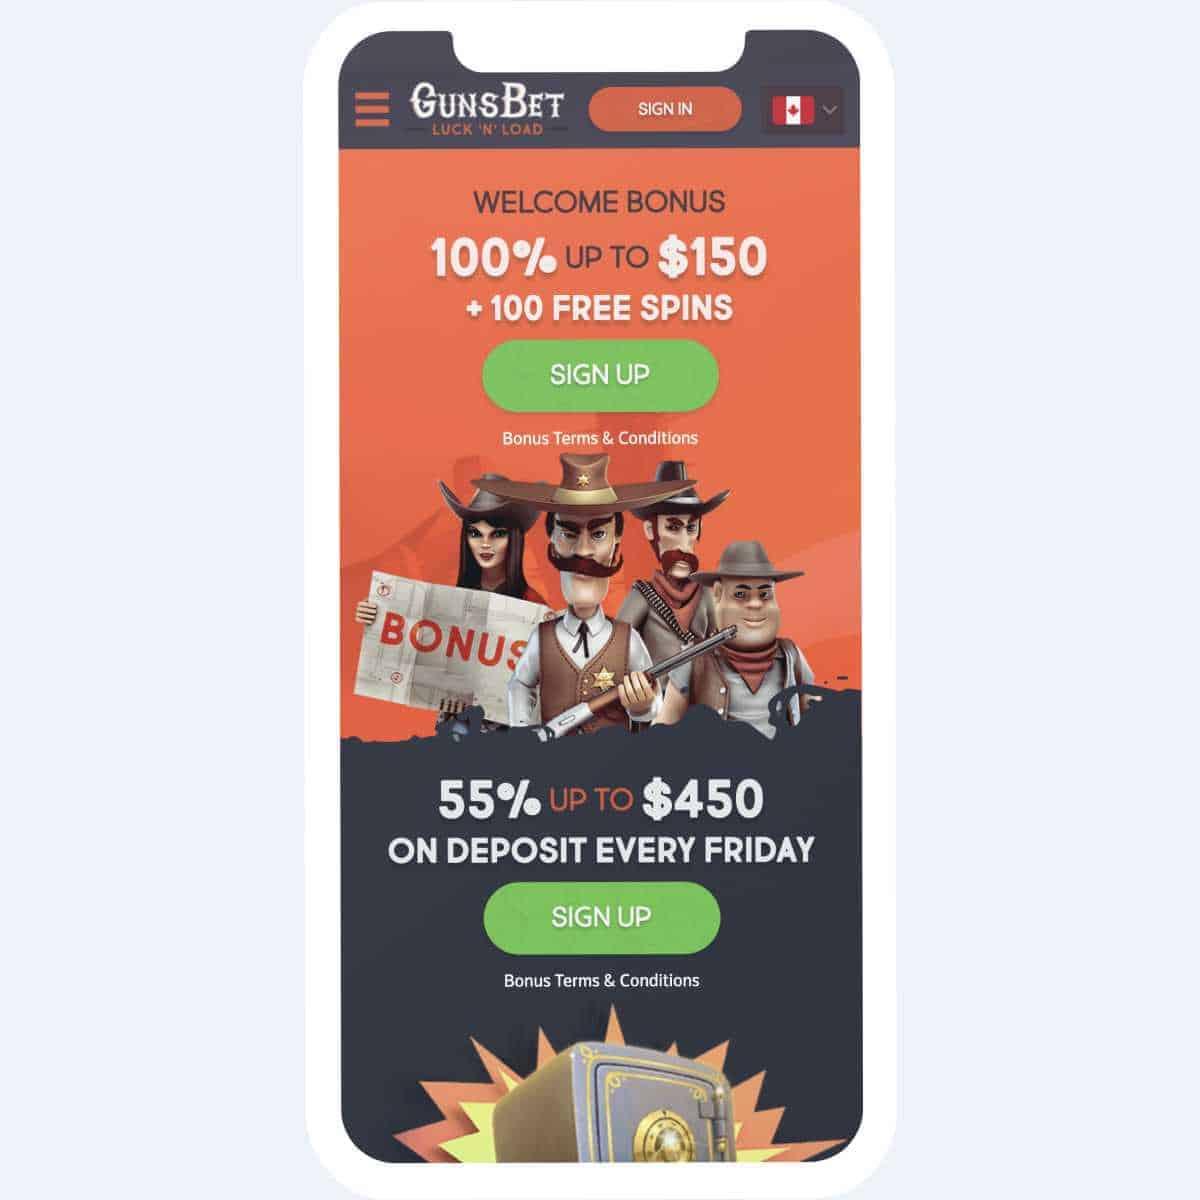 gunsbet bonus page mobile